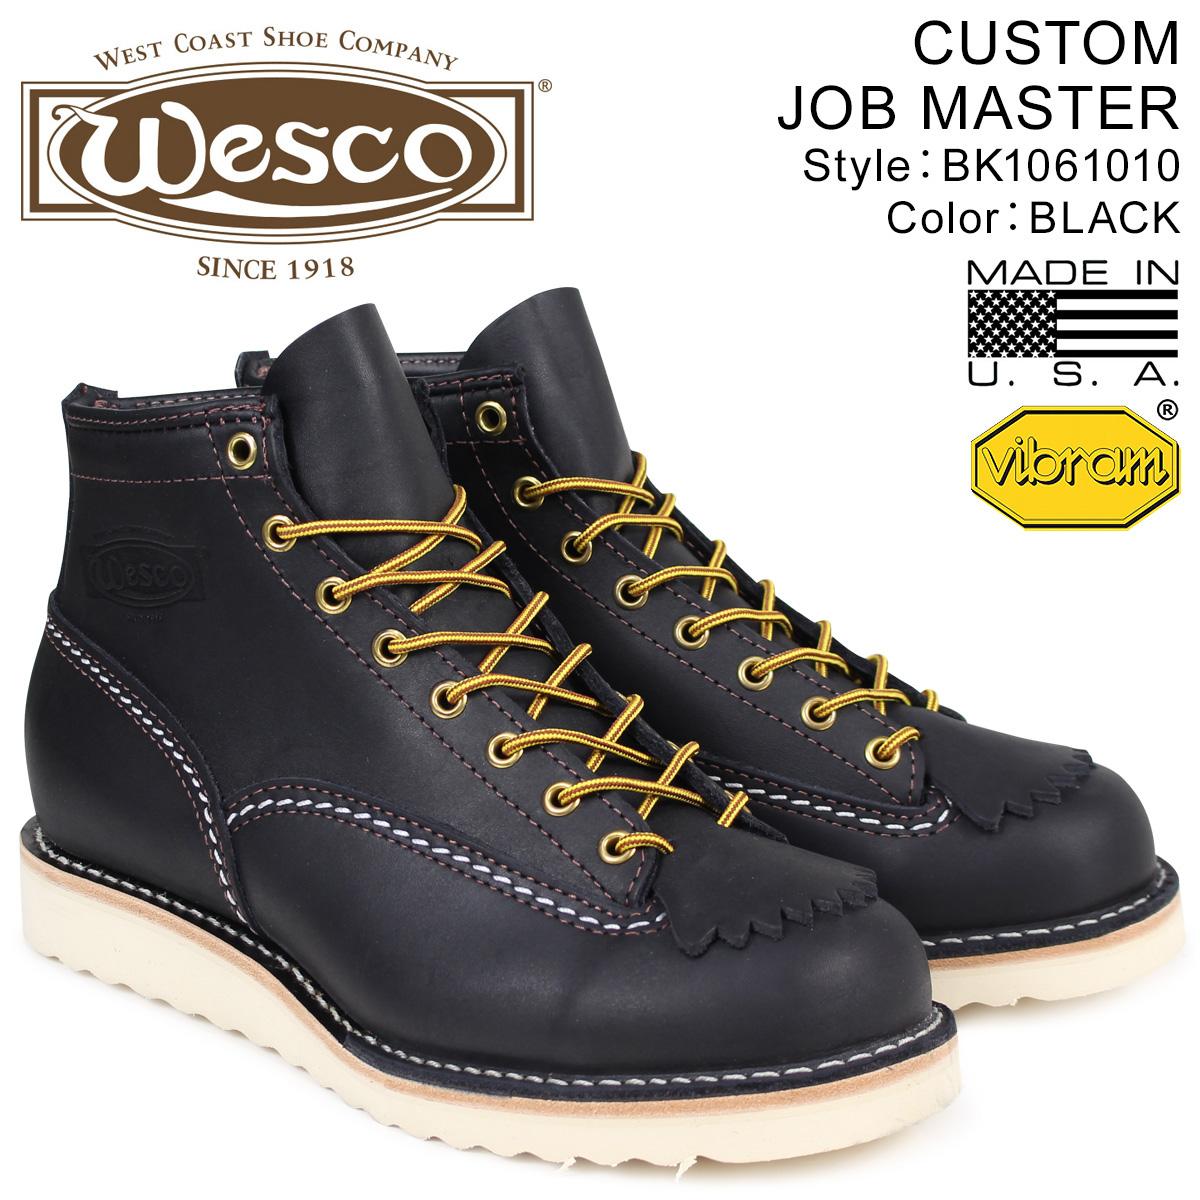 ウエスコ WESCO WESCO ジョブマスター ブーツ 6インチ 6インチ カスタム 6INCH CUSTOM CUSTOM JOB MASTER Eワイズ レザー メンズ ブラック BK1061010 ウェスコ, 名神タイヤ:d0259002 --- ww.thecollagist.com